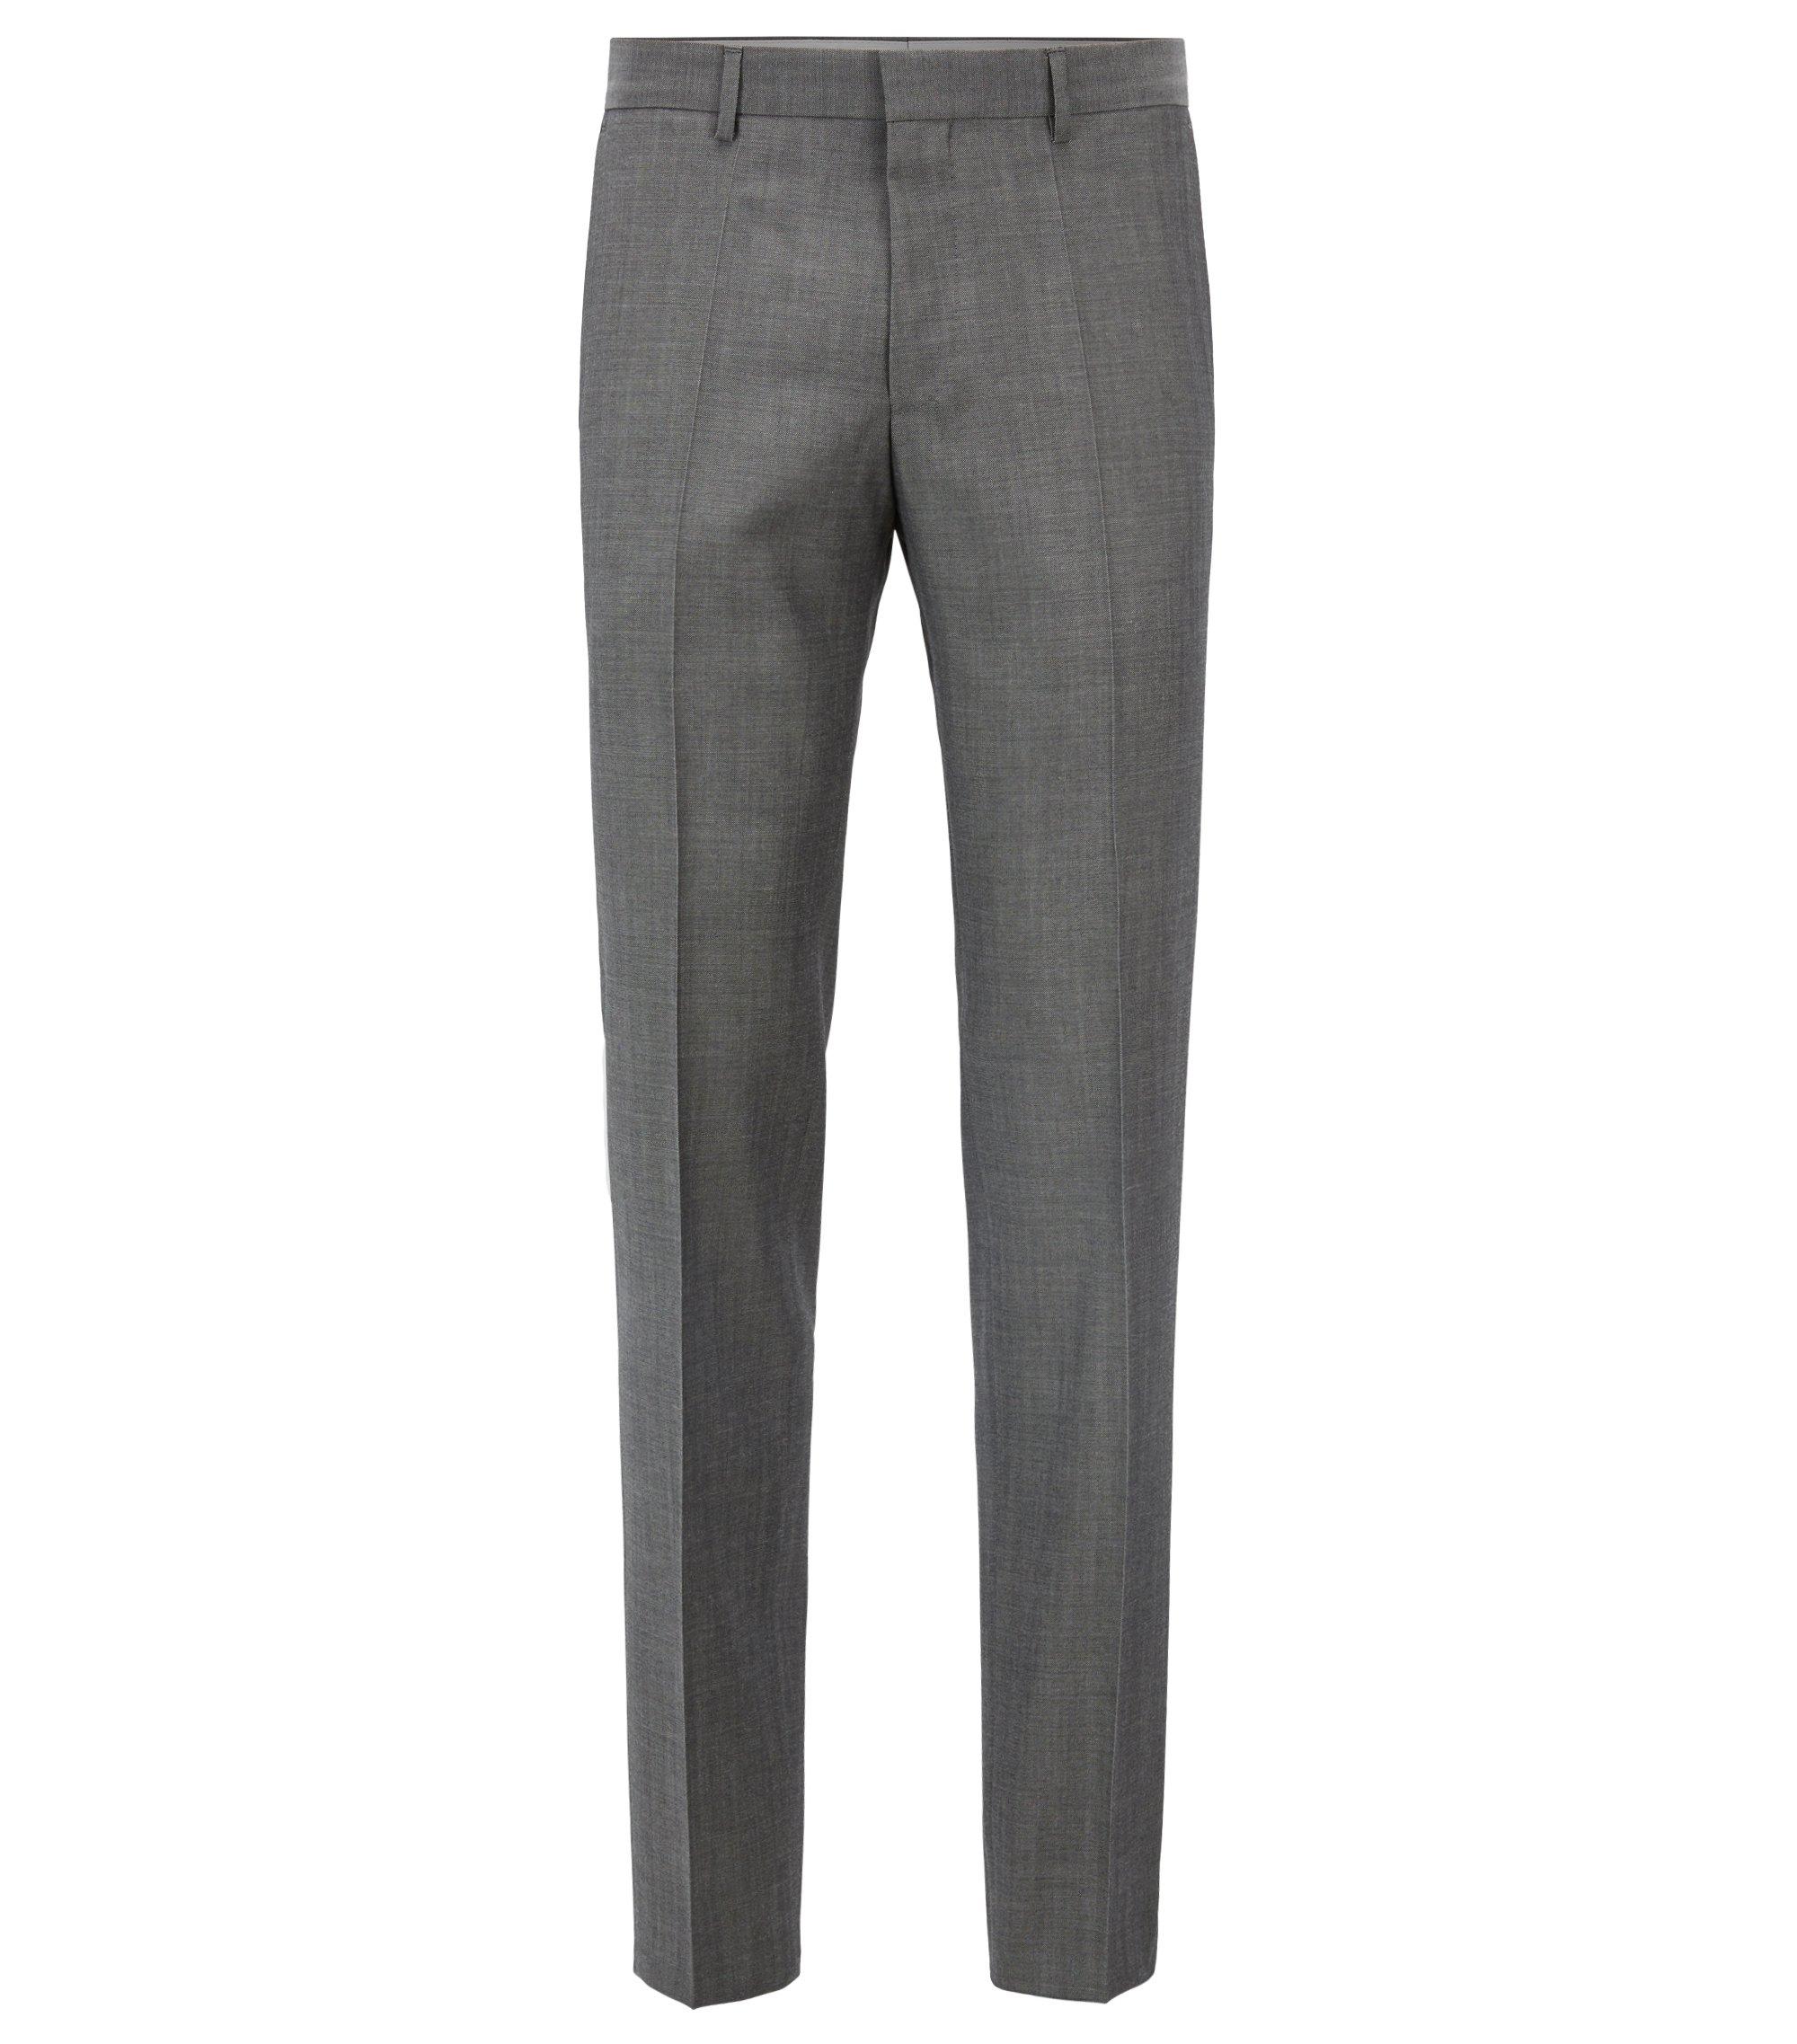 Pantalon Slim Fit en laine vierge à l'aspect mohair, Gris